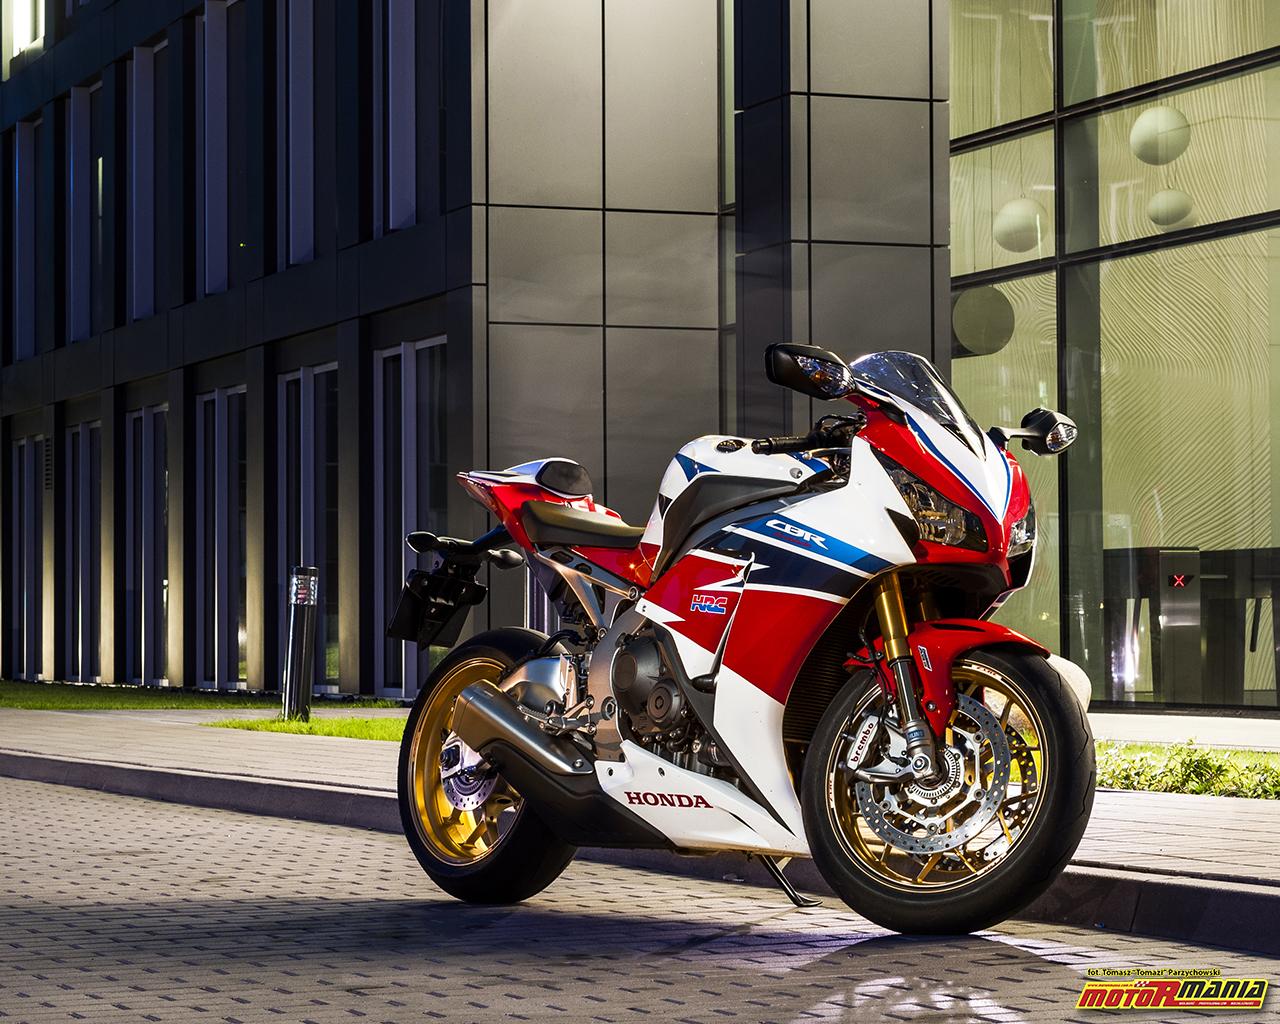 Honda_CBR_Fireblade_SP_1280x1024